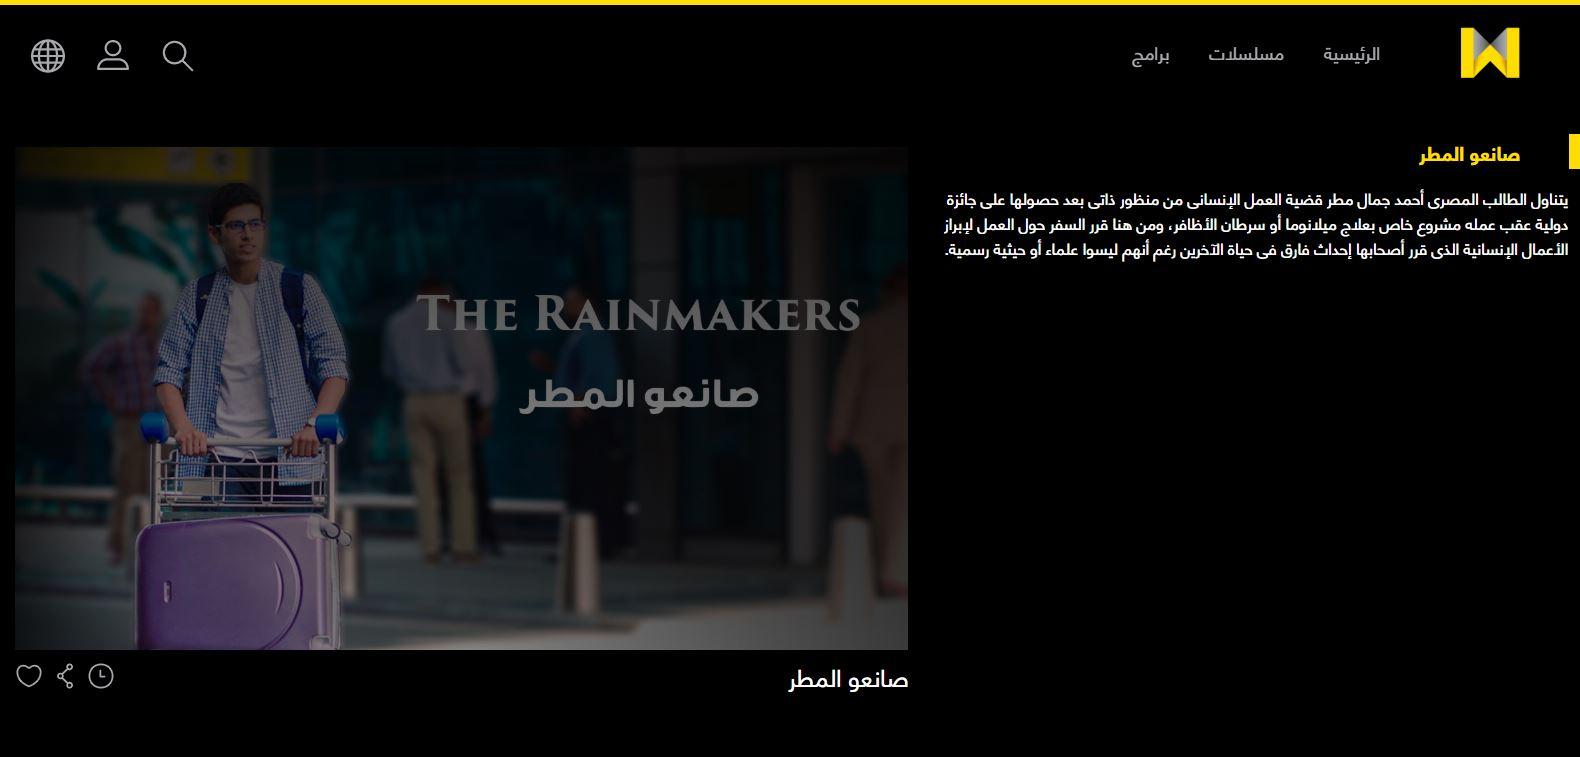 86506-فيلم-صانعوا-المطر